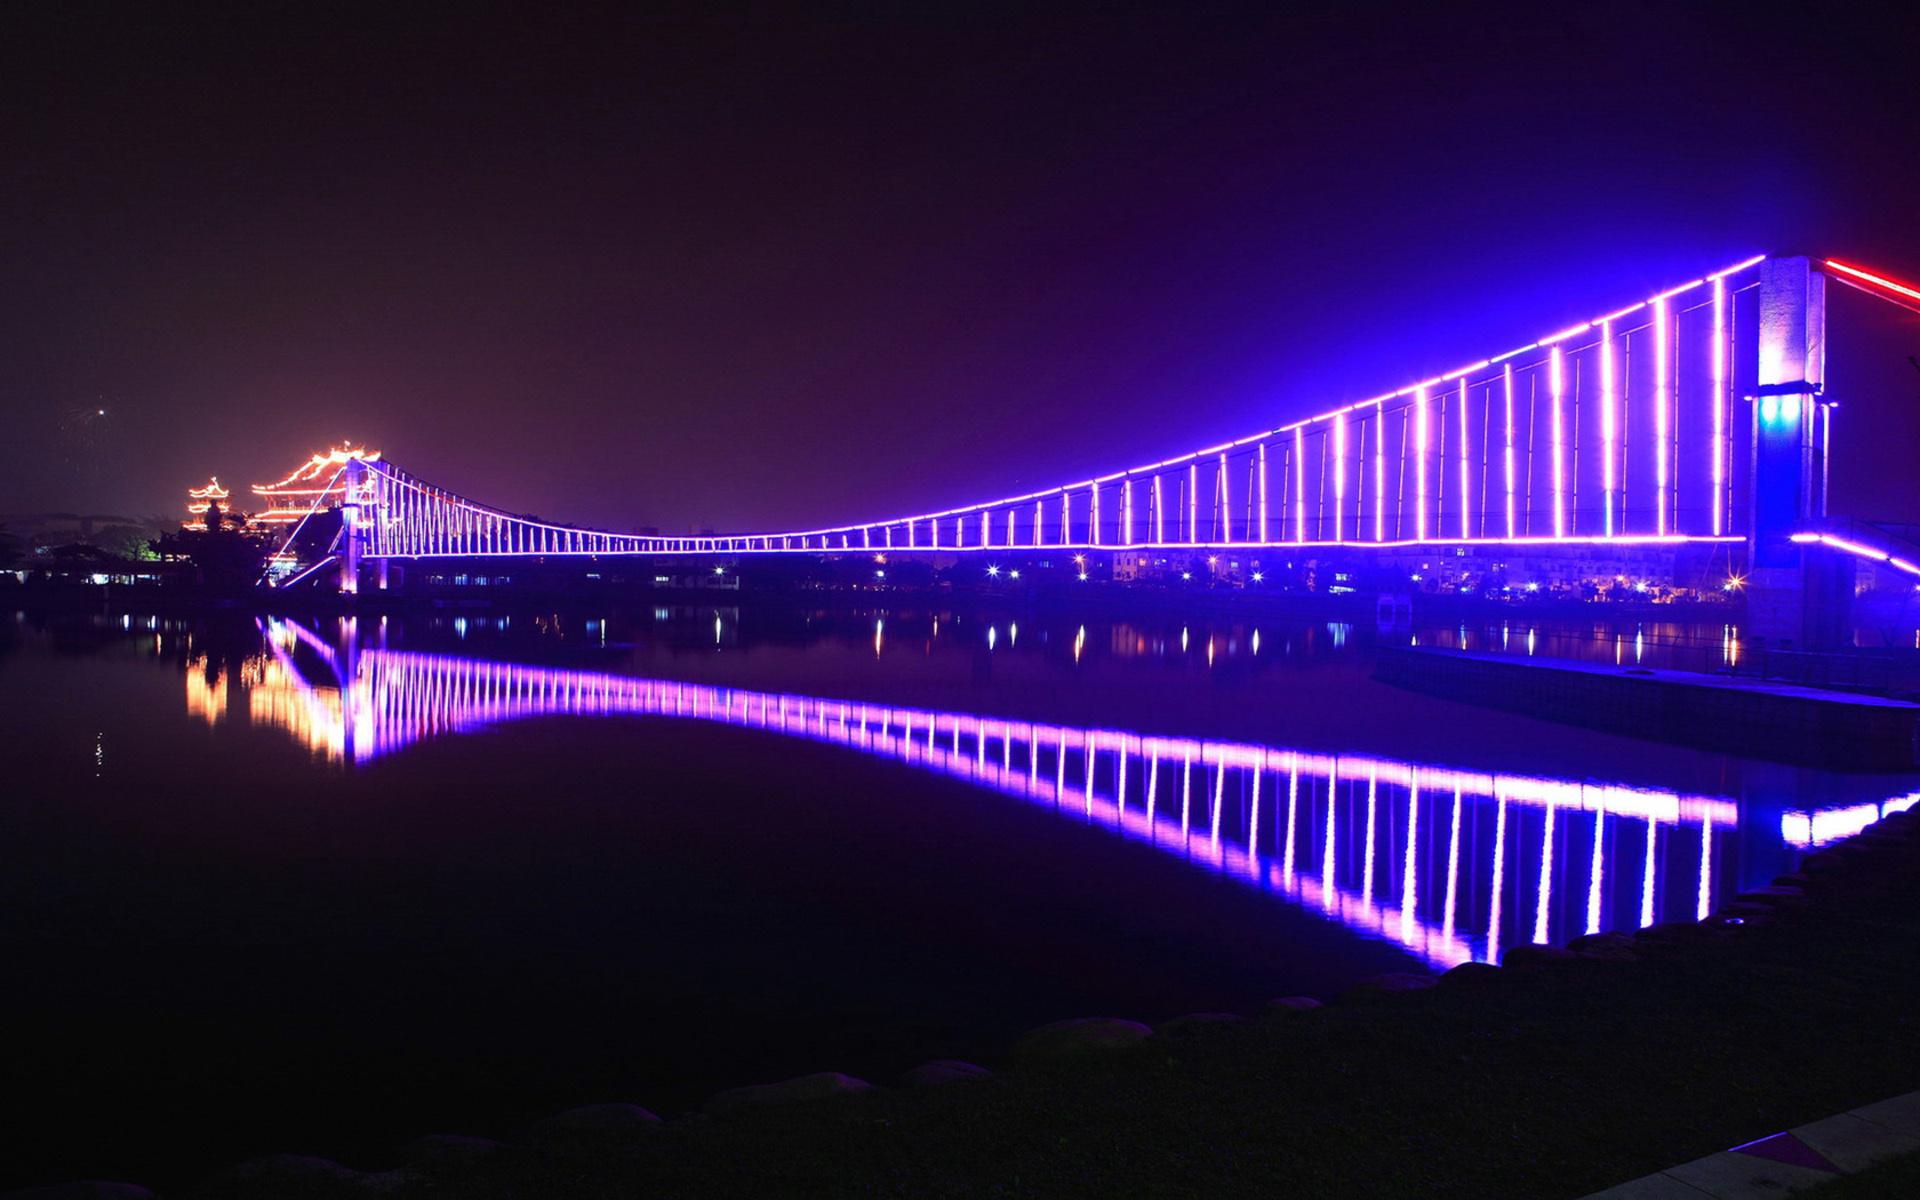 мост огни свечение ночь  № 3369471 загрузить